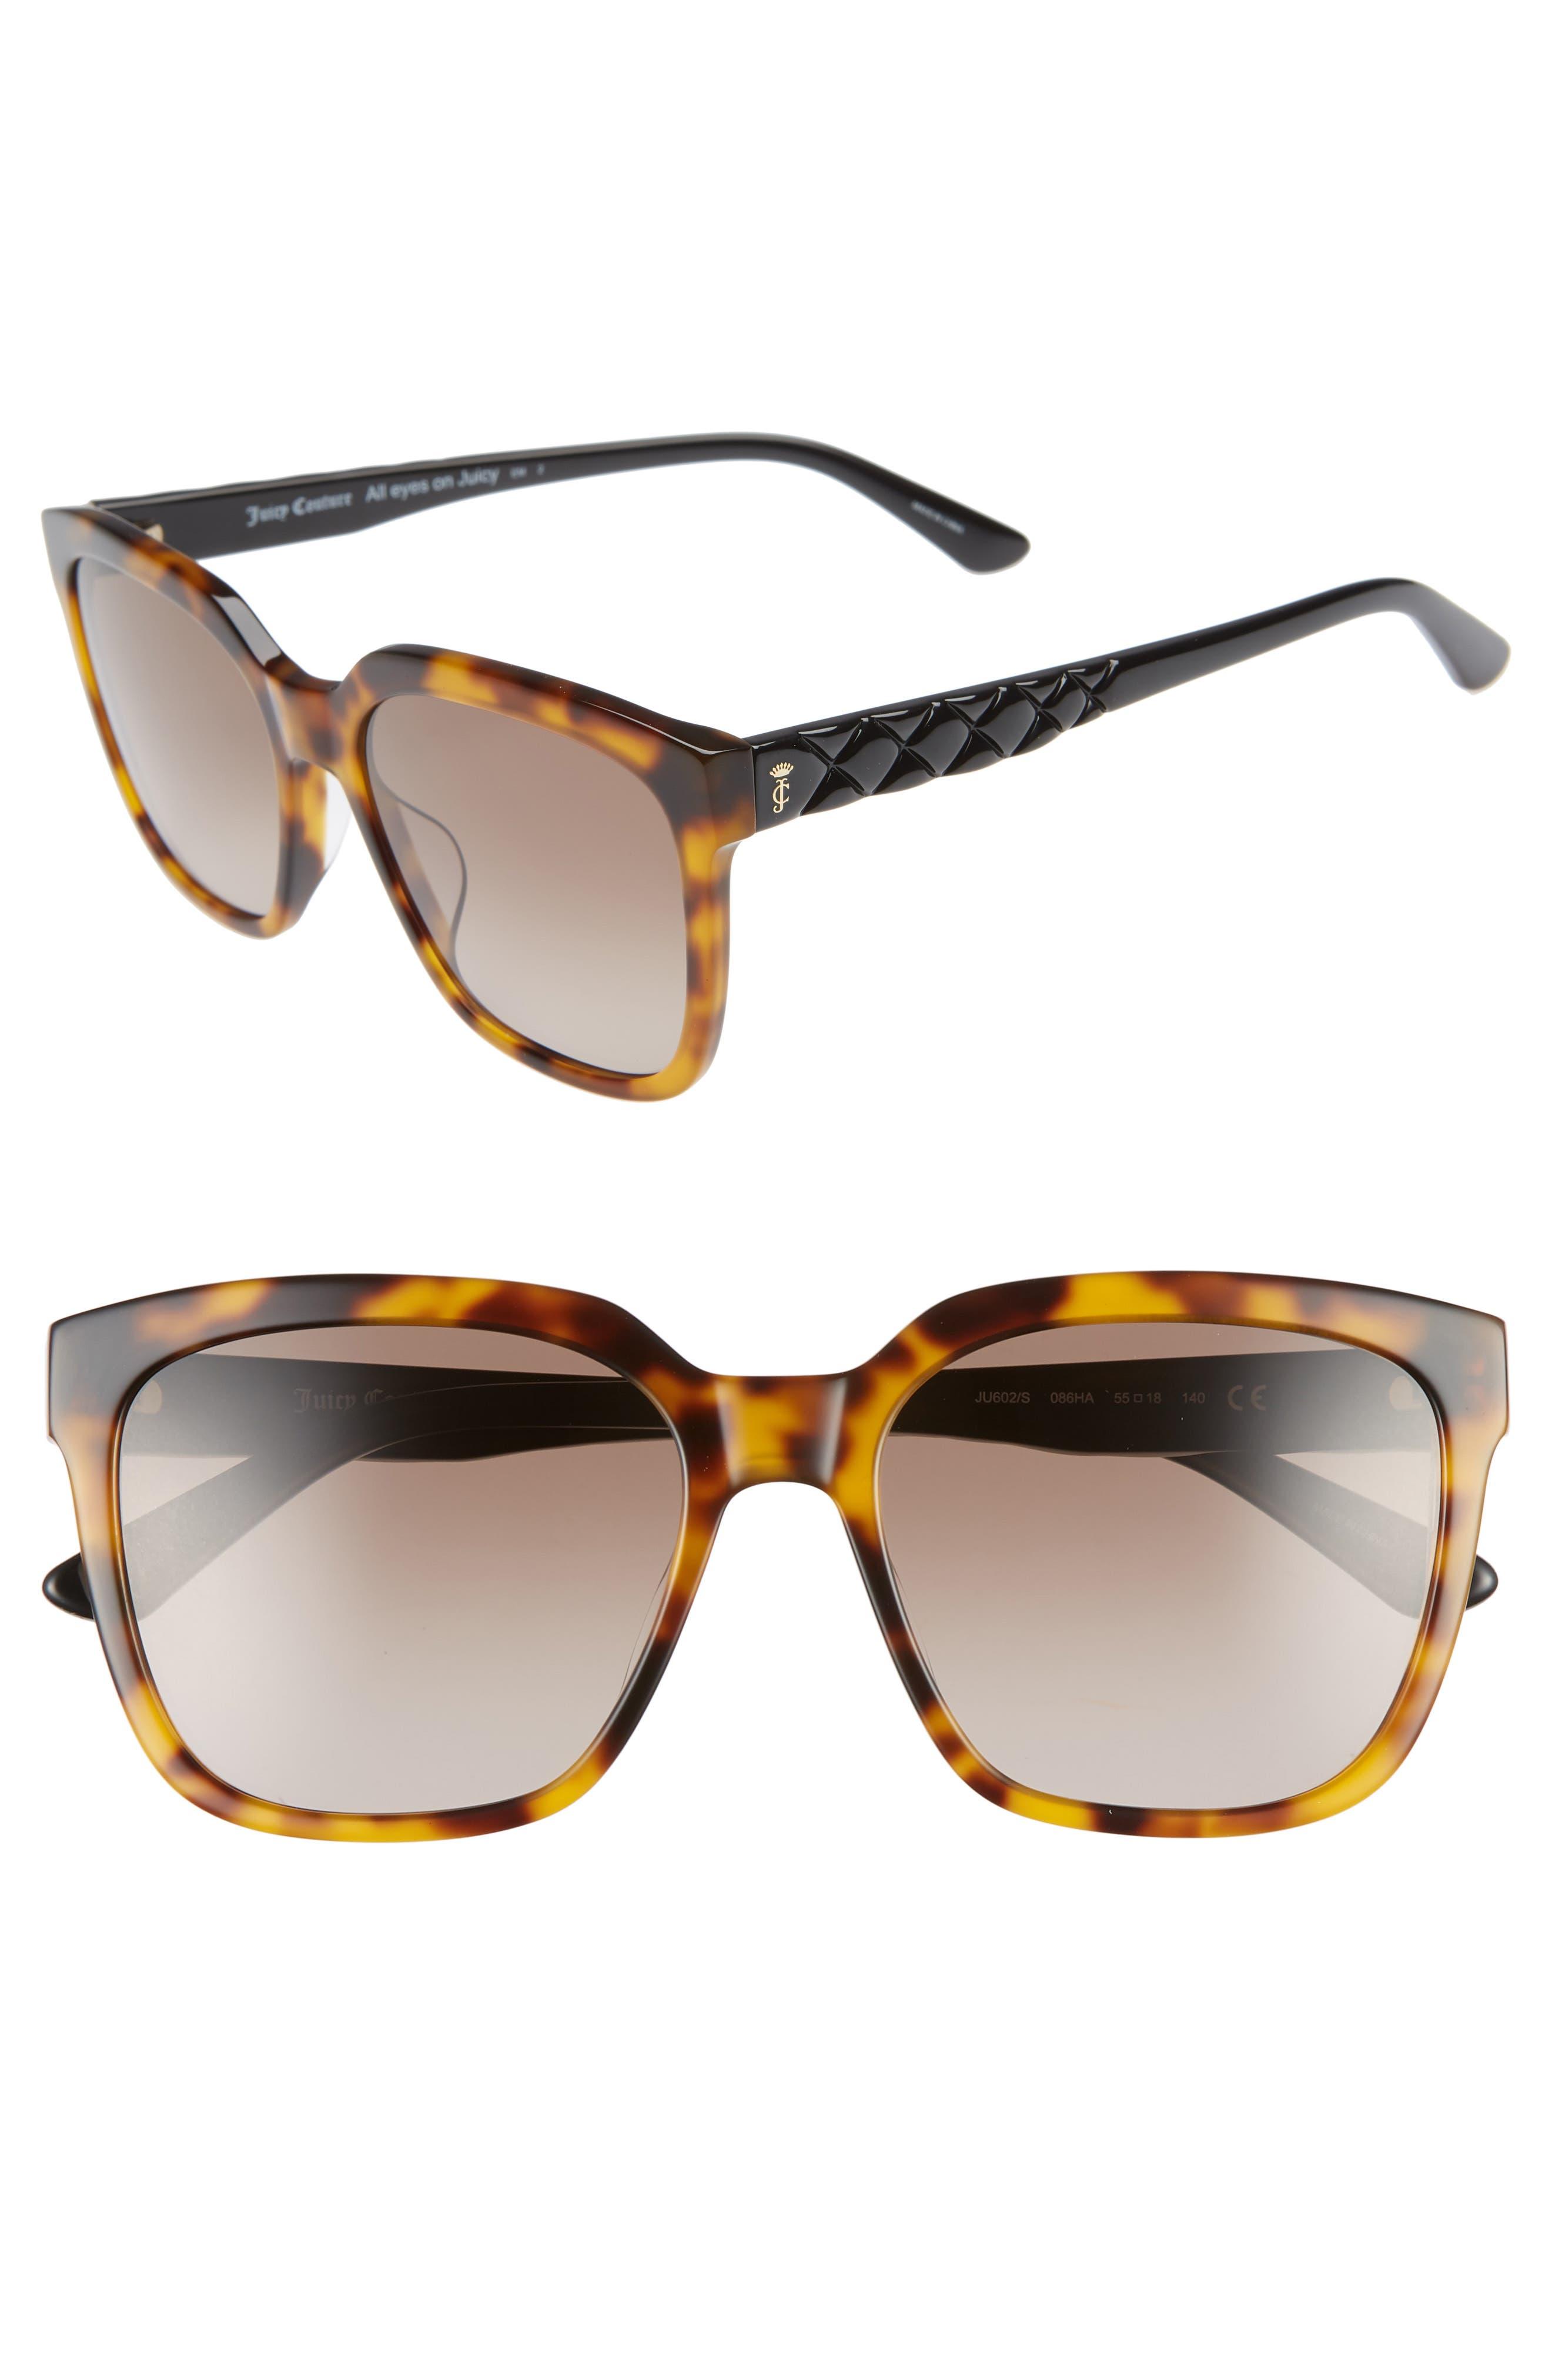 JUICY COUTURE, Core 55mm Square Sunglasses, Main thumbnail 1, color, BLACK